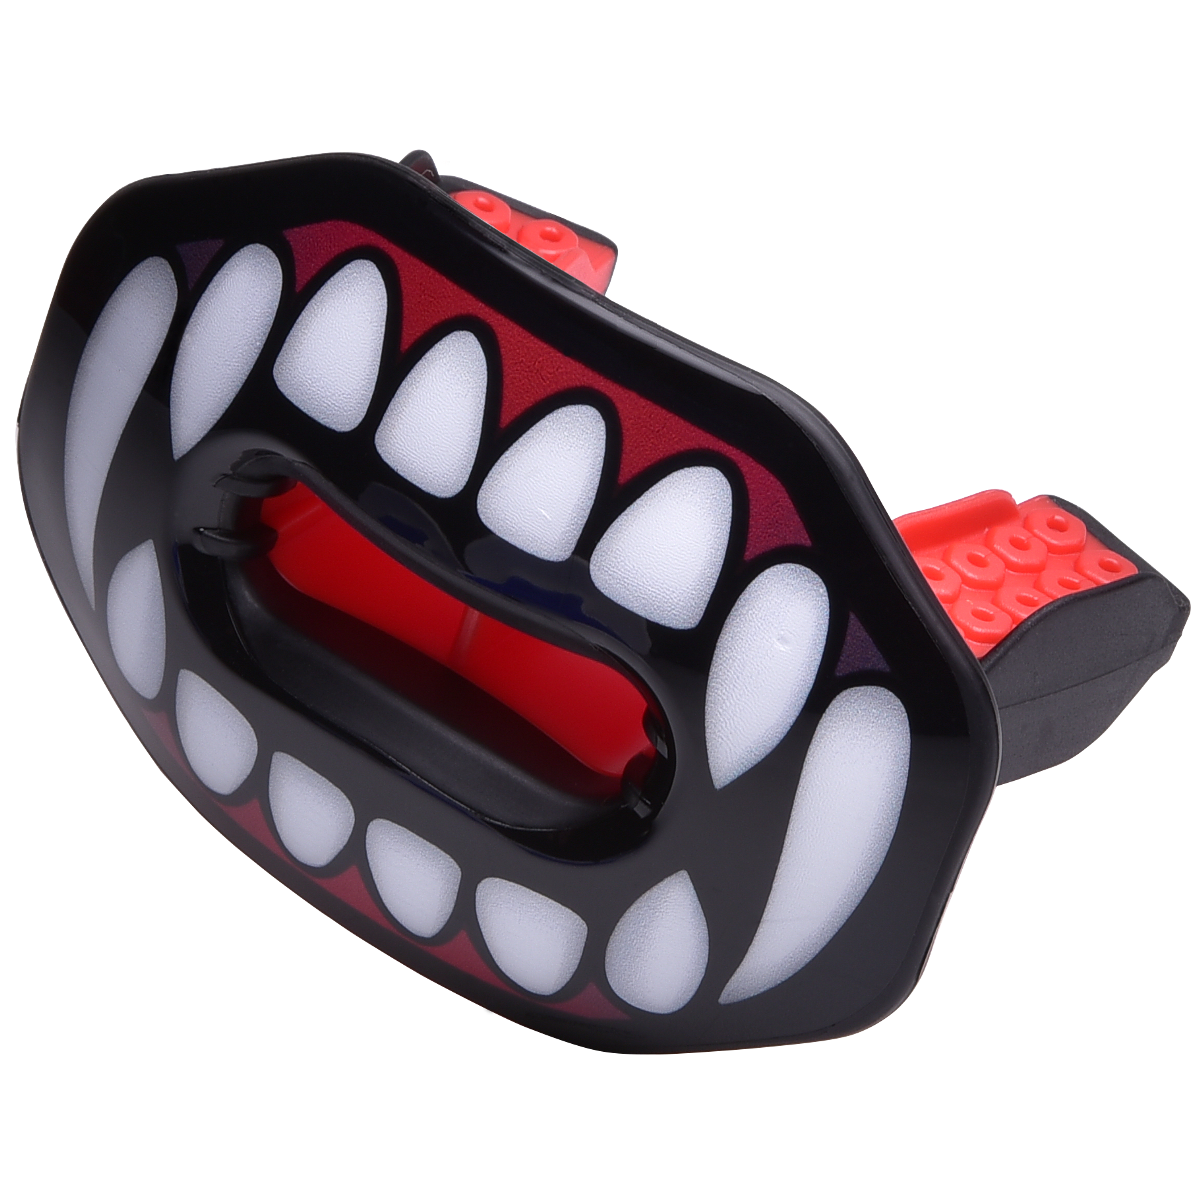 lip guard mouthpiece vampire fangs